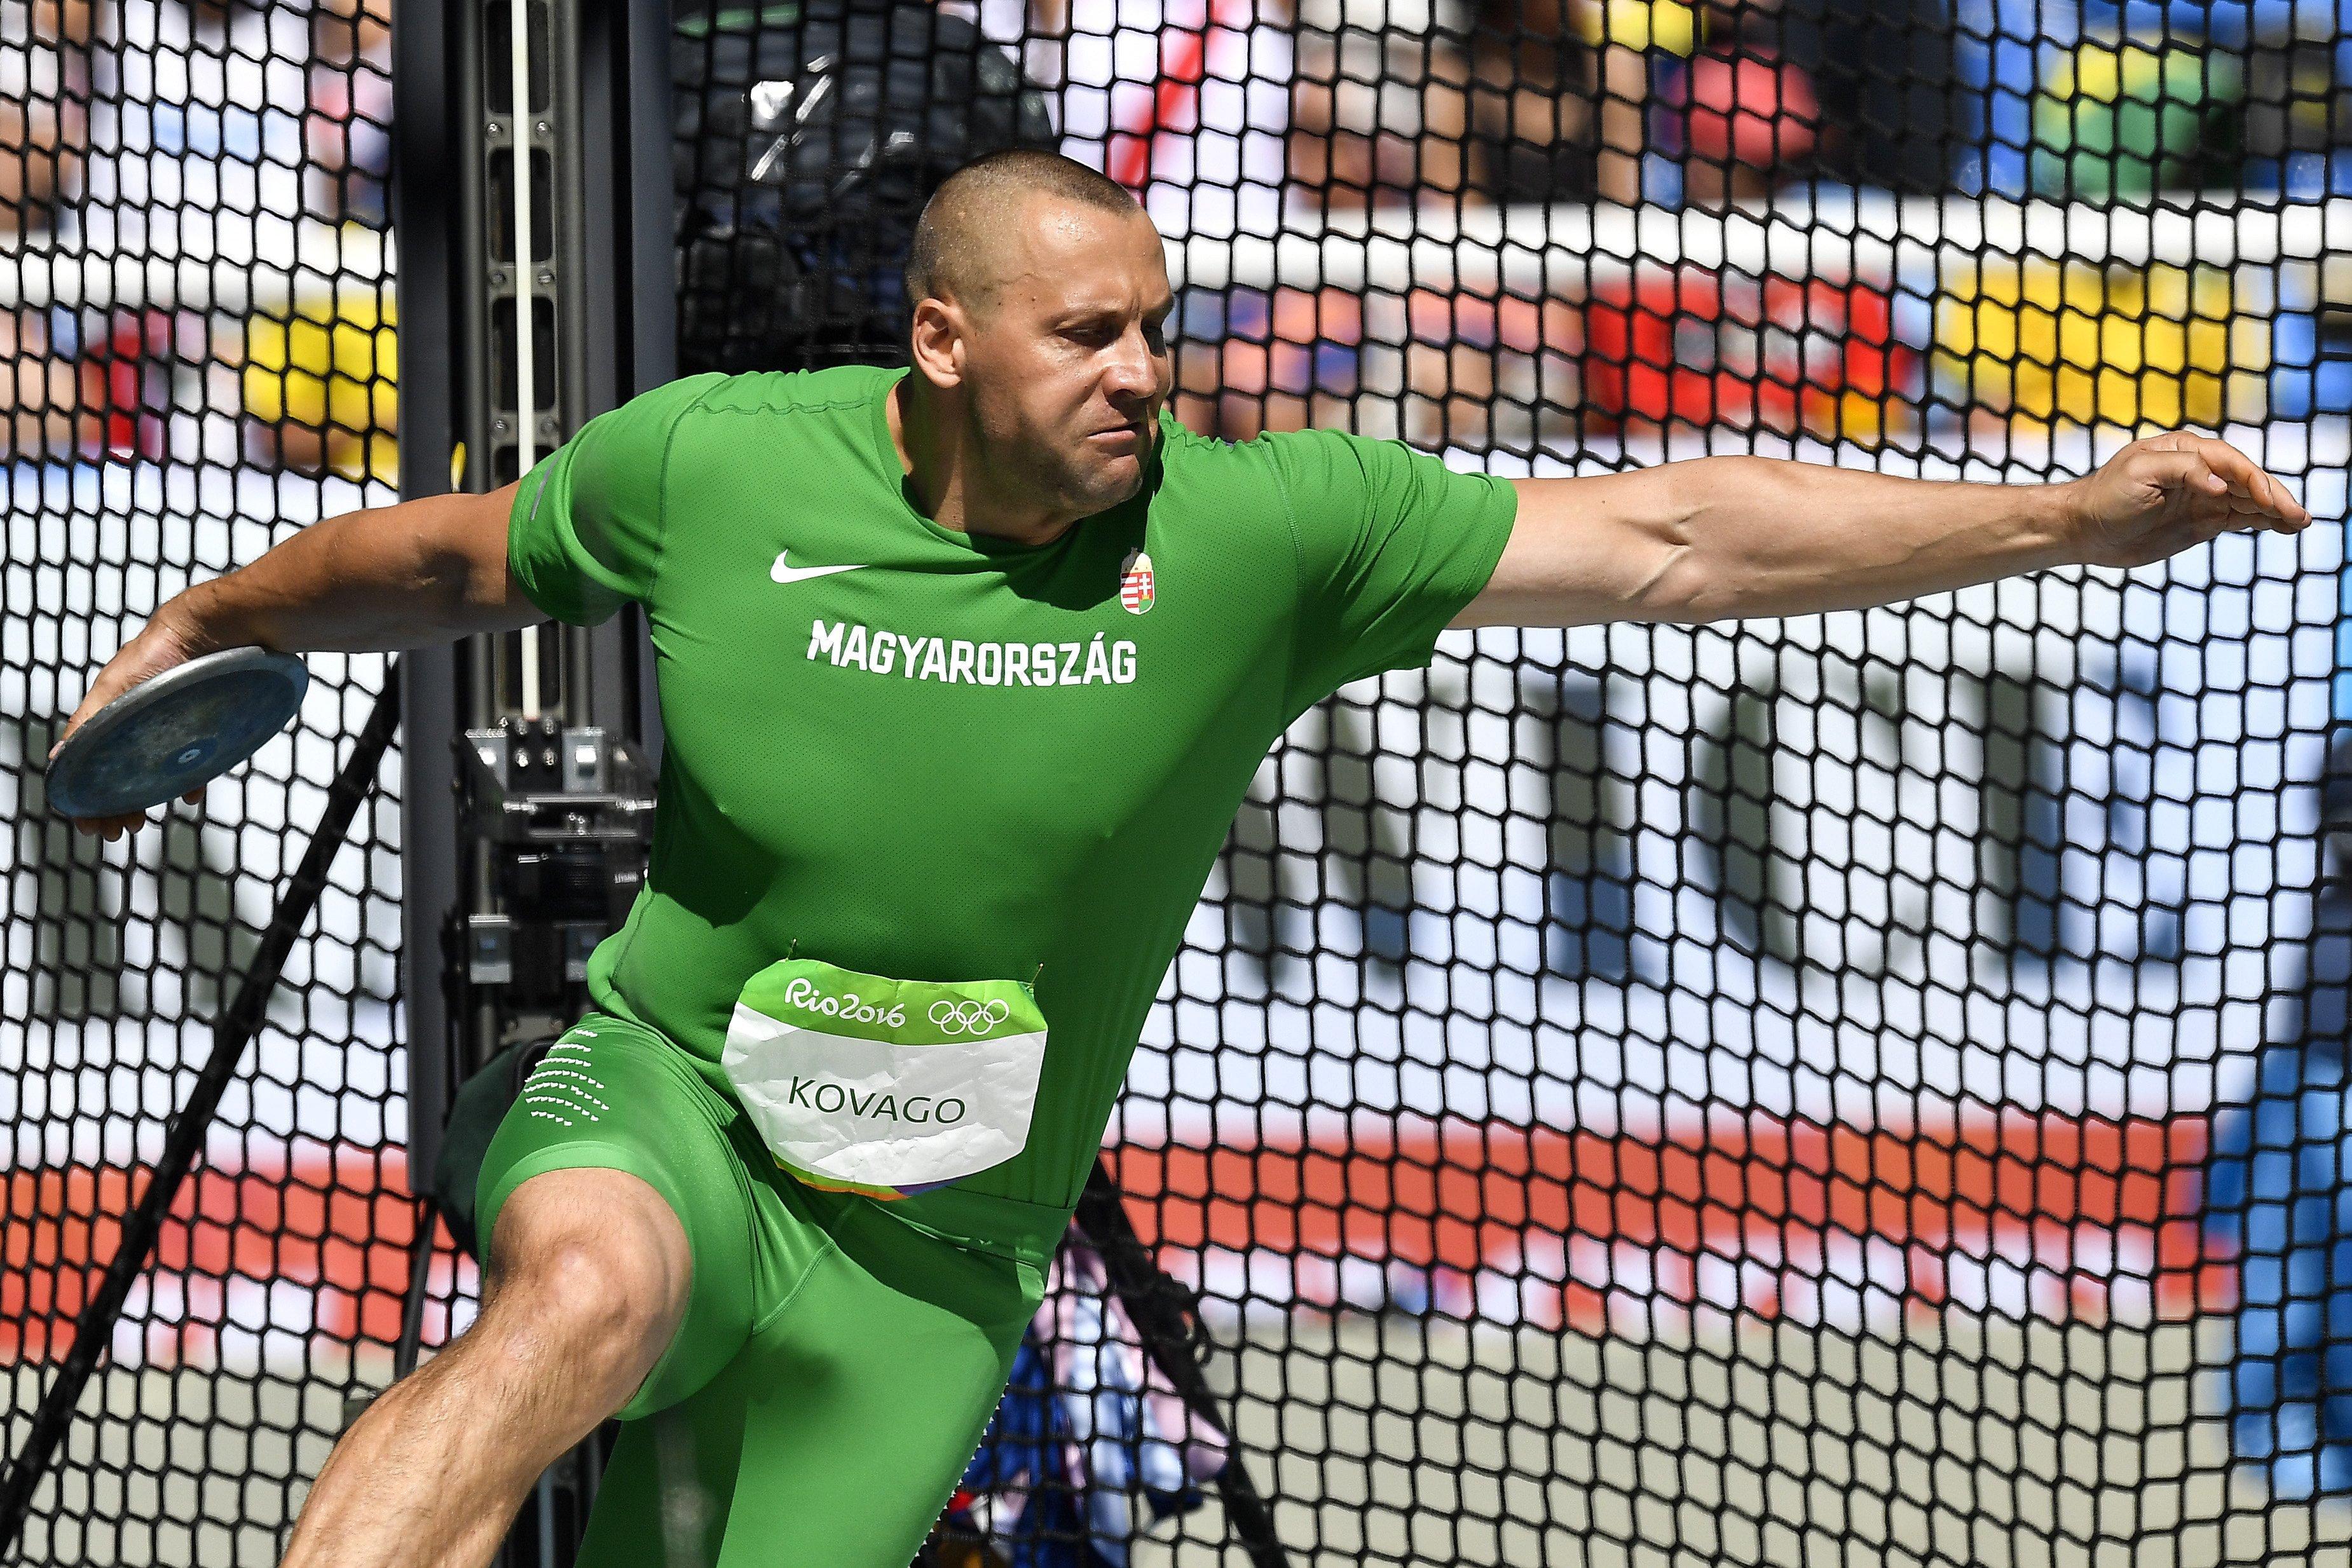 Olimpia 2016: Kővágó Zoltán hetedik diszkoszvetésben